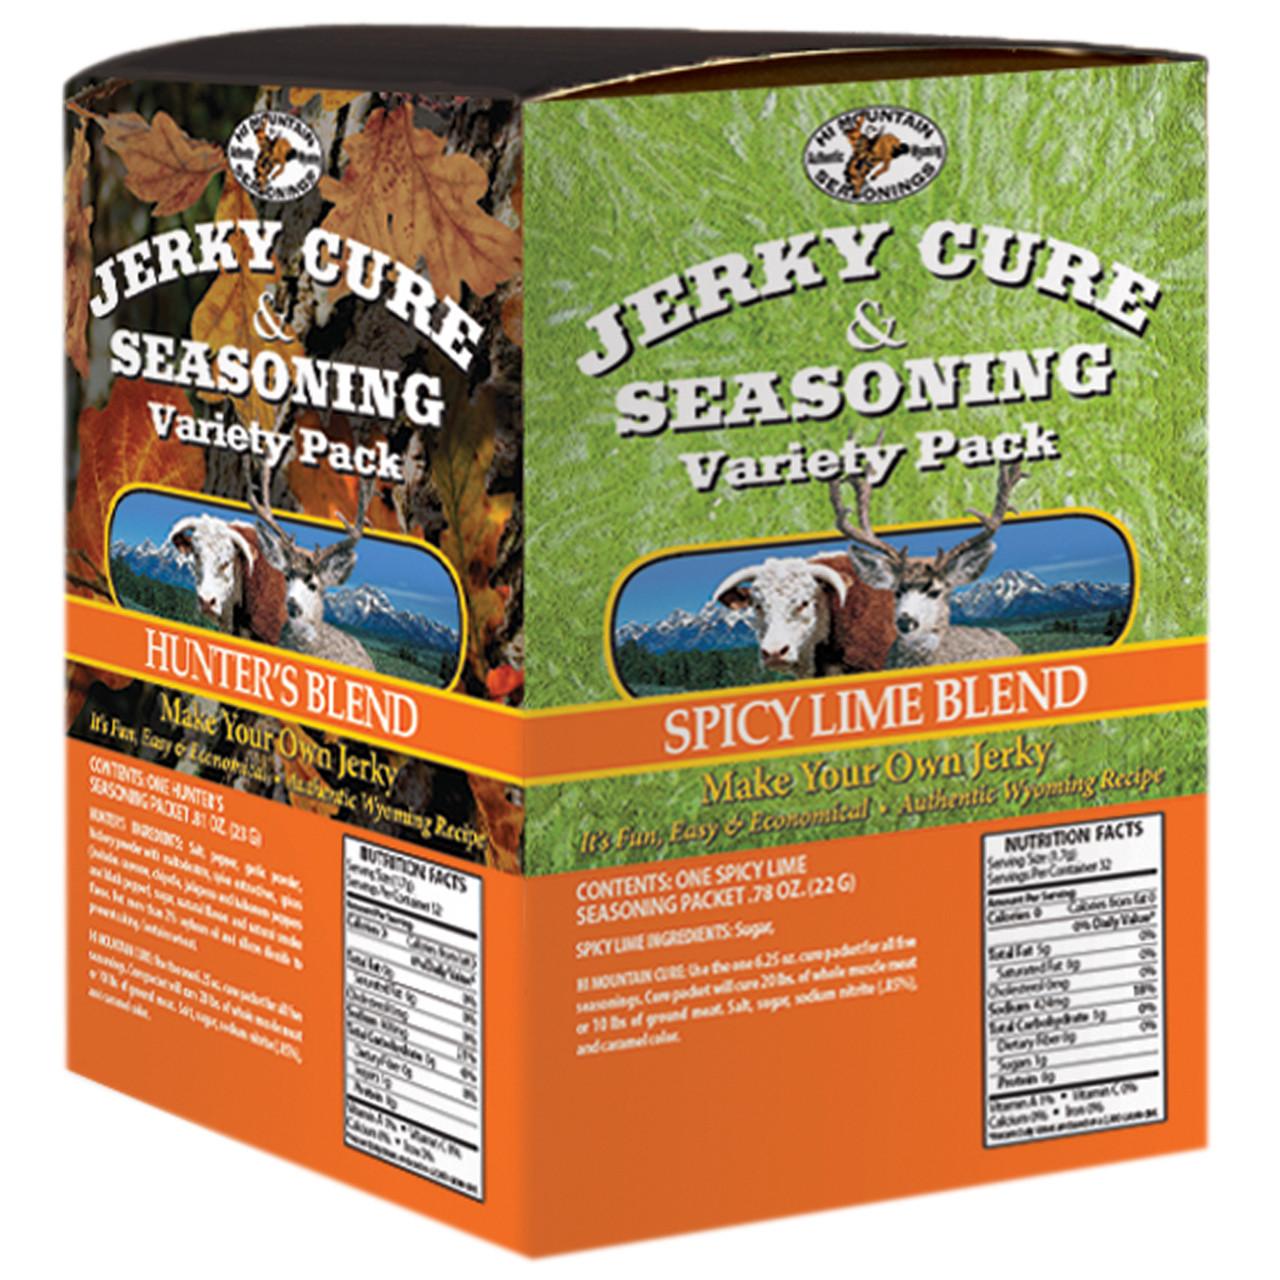 Jerky Maker's Variety Pack #3 Jerky Kit